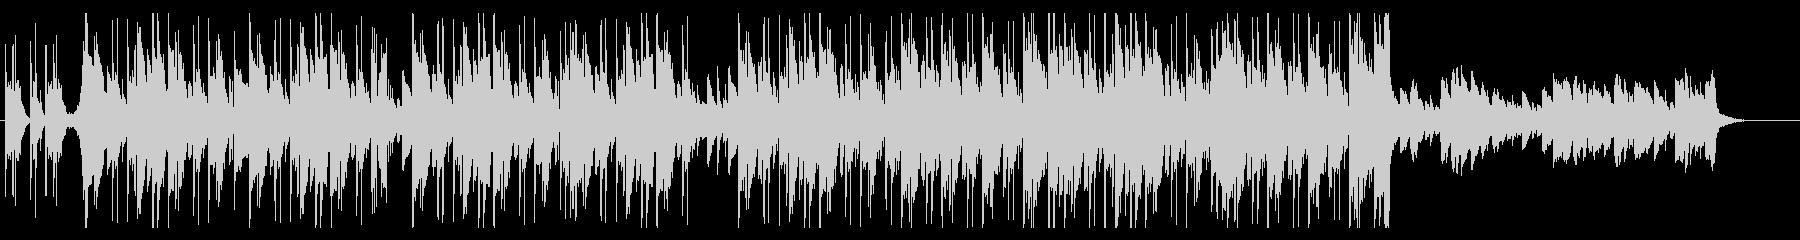 トラップ_切ないピアノ_ヒップホップの未再生の波形